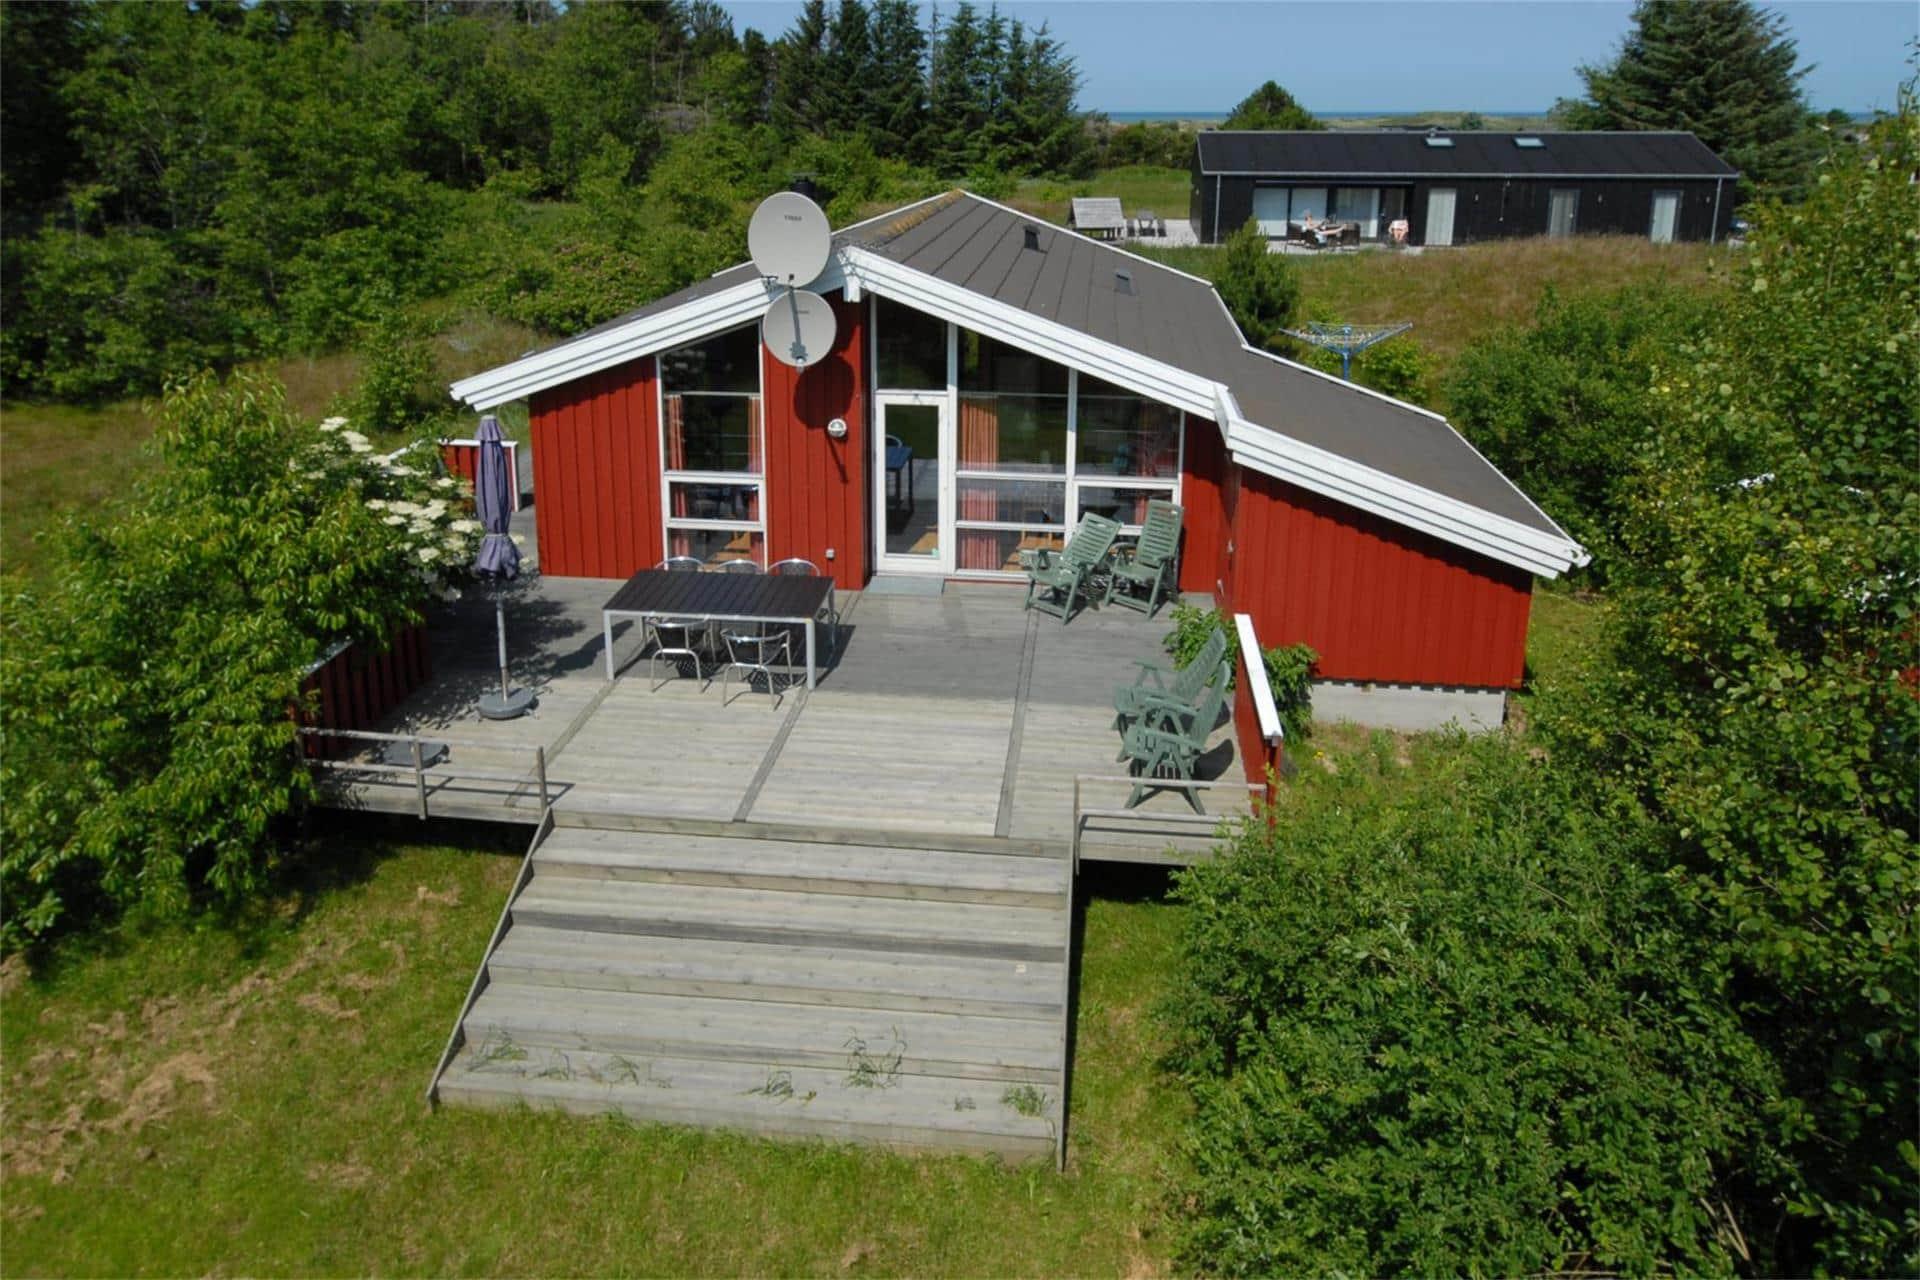 Afbeelding 1-148 Vakantiehuis TV1044, Tannisgårdvej 34, DK - 9881 Bindslev